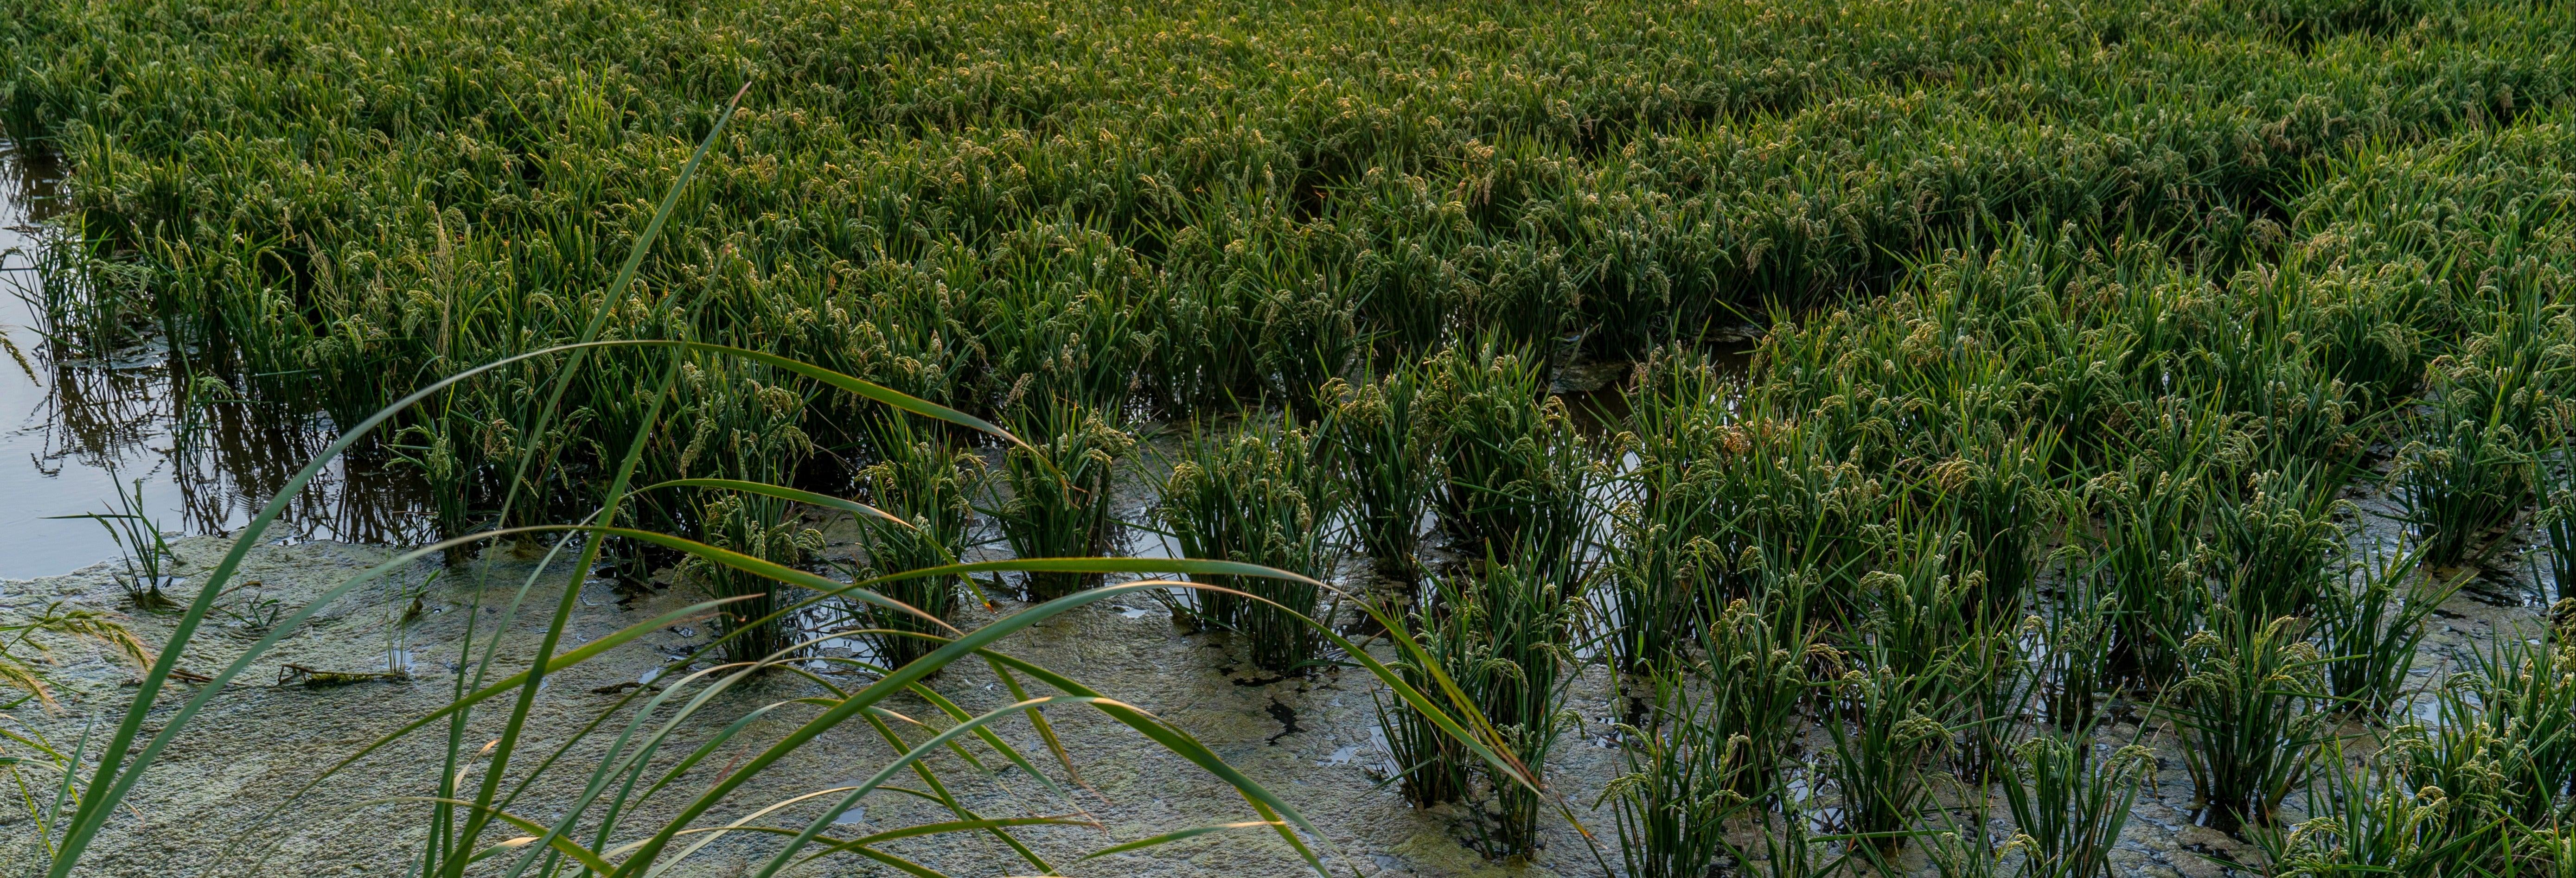 Excursión a Valencia y la Albufera + Campos de chufa